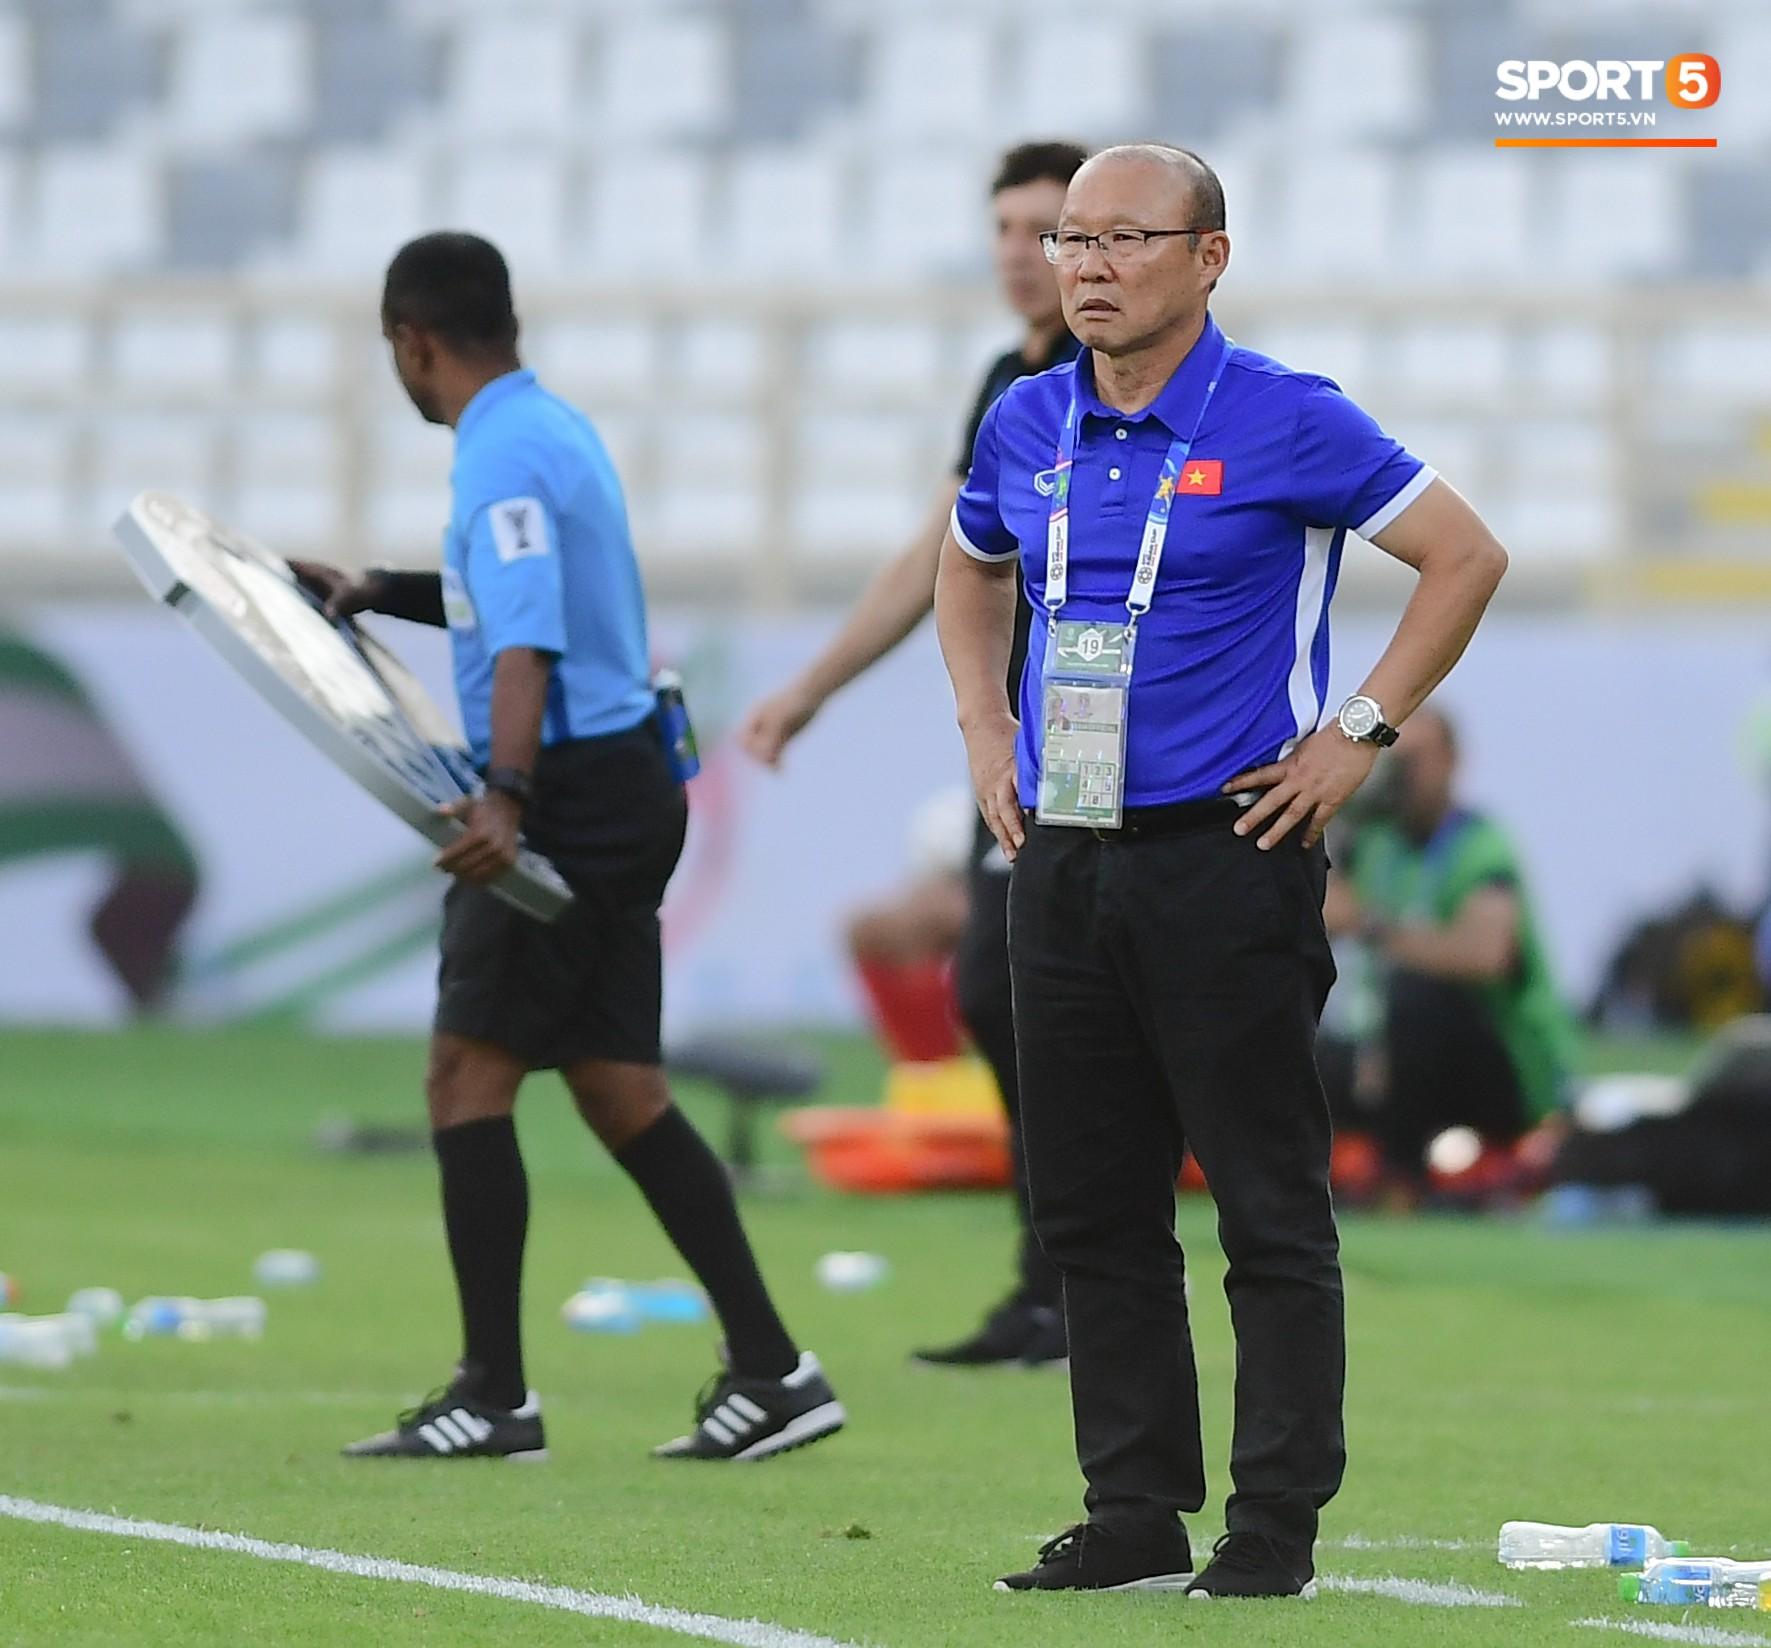 Nếu Công Phượng xử lý nhanh hơn, Duy Mạnh đã không lỡ hẹn trận đấu cuối cùng ở vòng bảng Asian Cup 2019 - Ảnh 6.